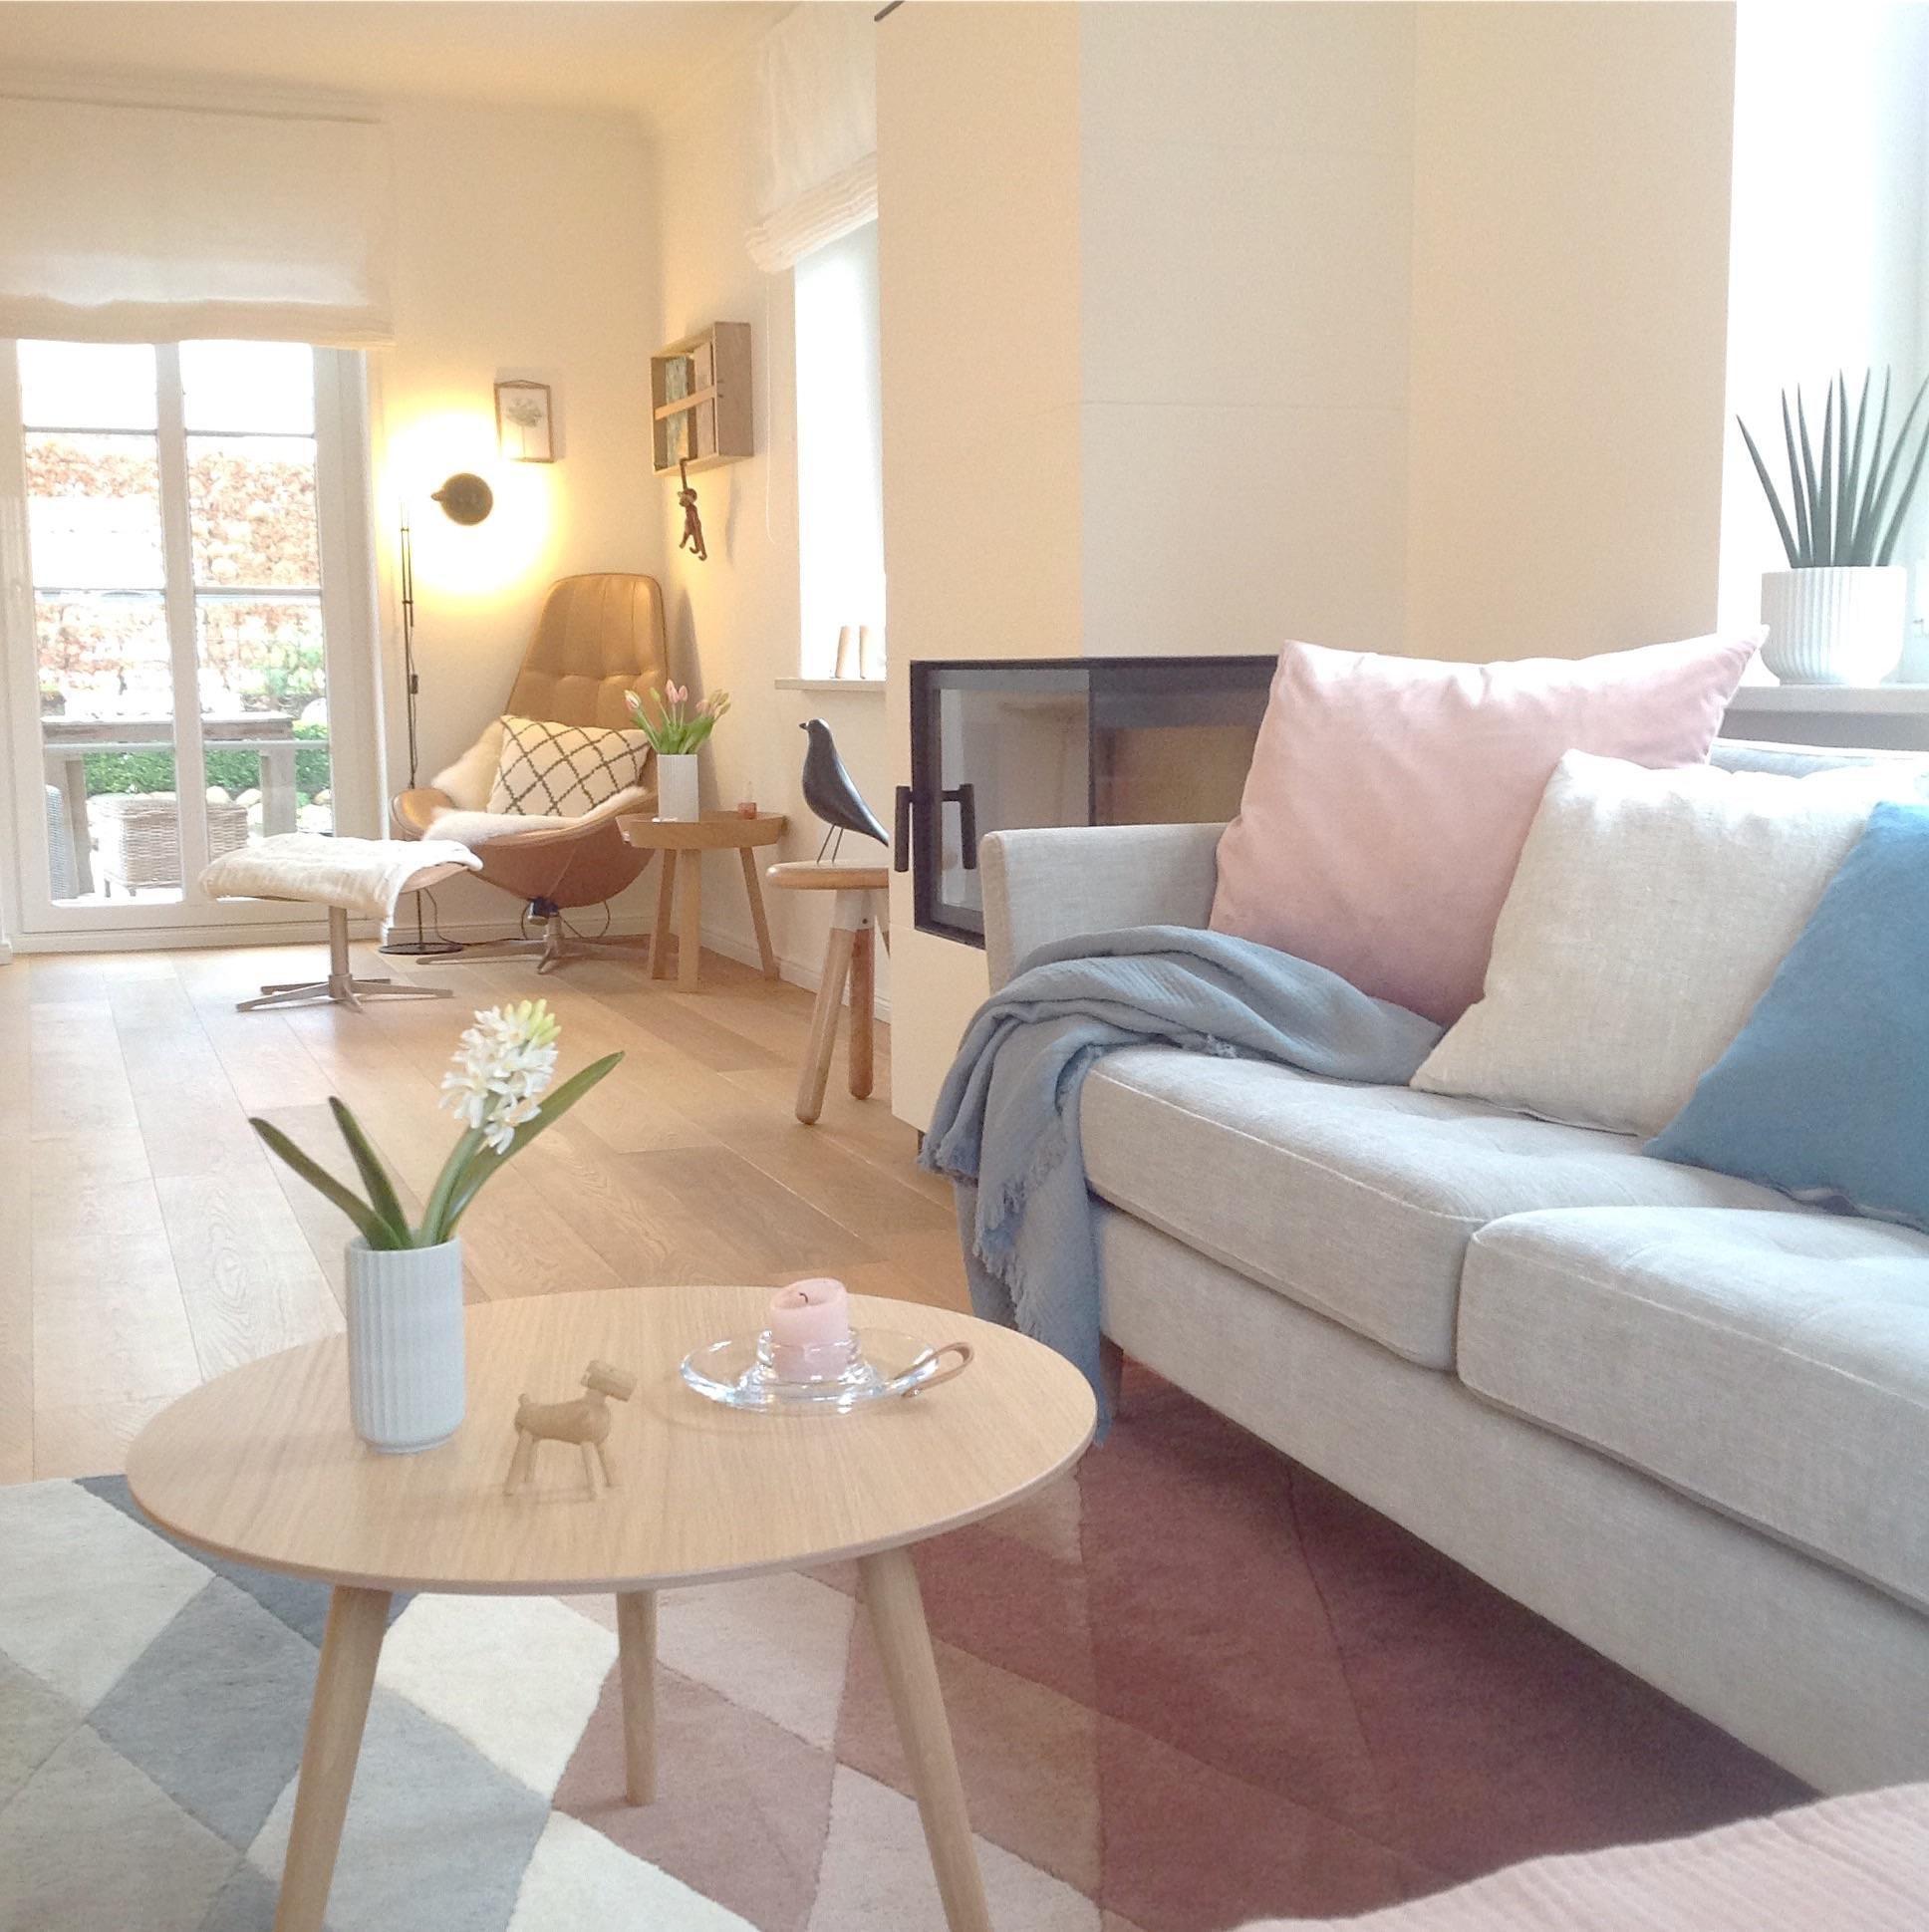 Teppich bilder ideen couchstyle for Beistelltisch skandinavisch